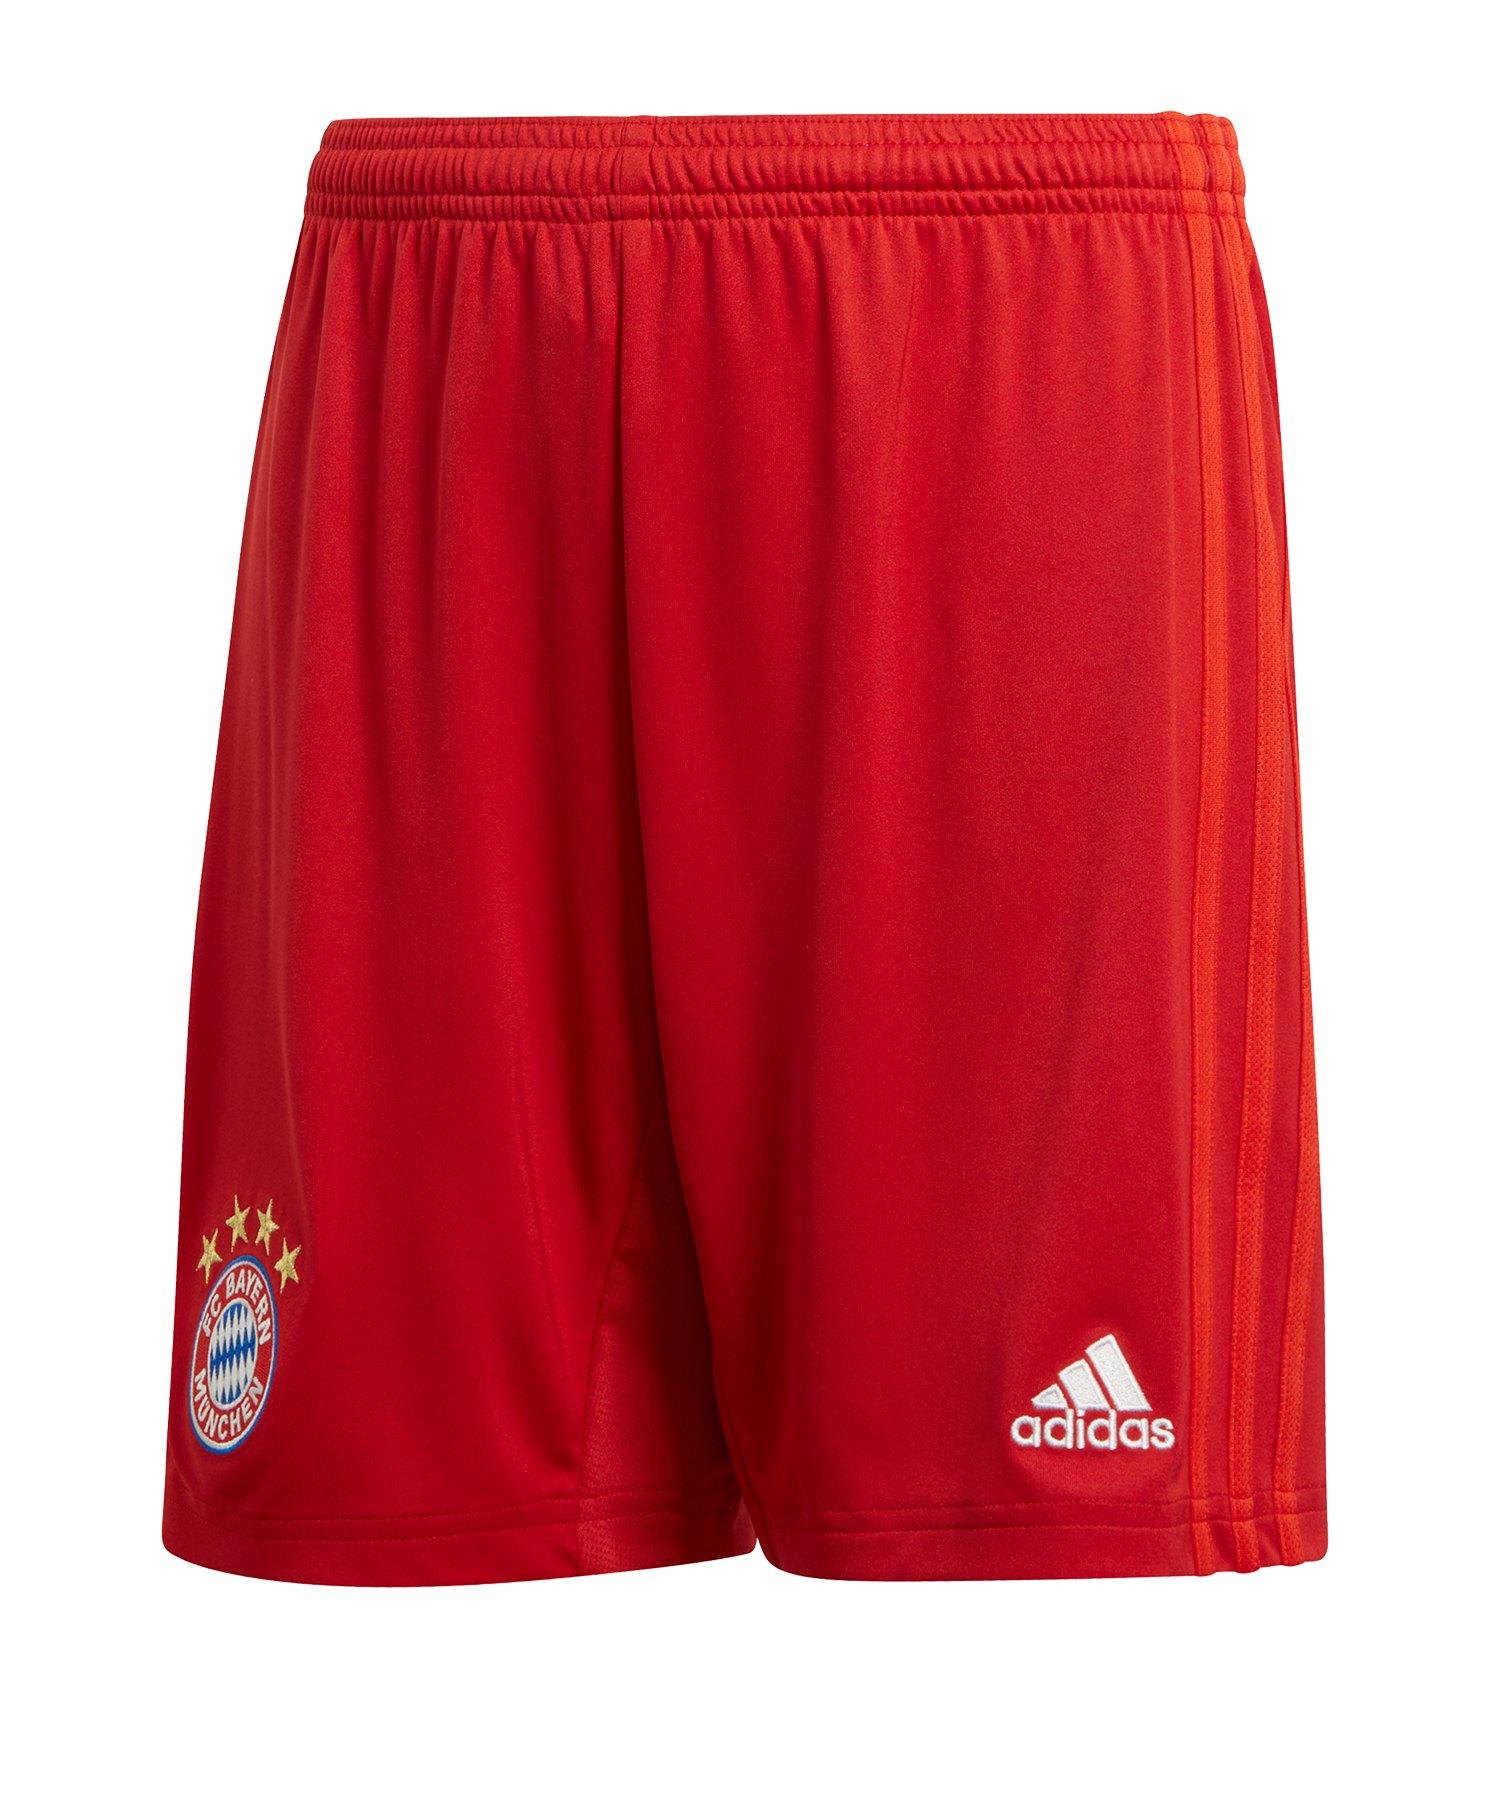 adidas FC Bayern München Short Home 2019/2020 Kids - Rot